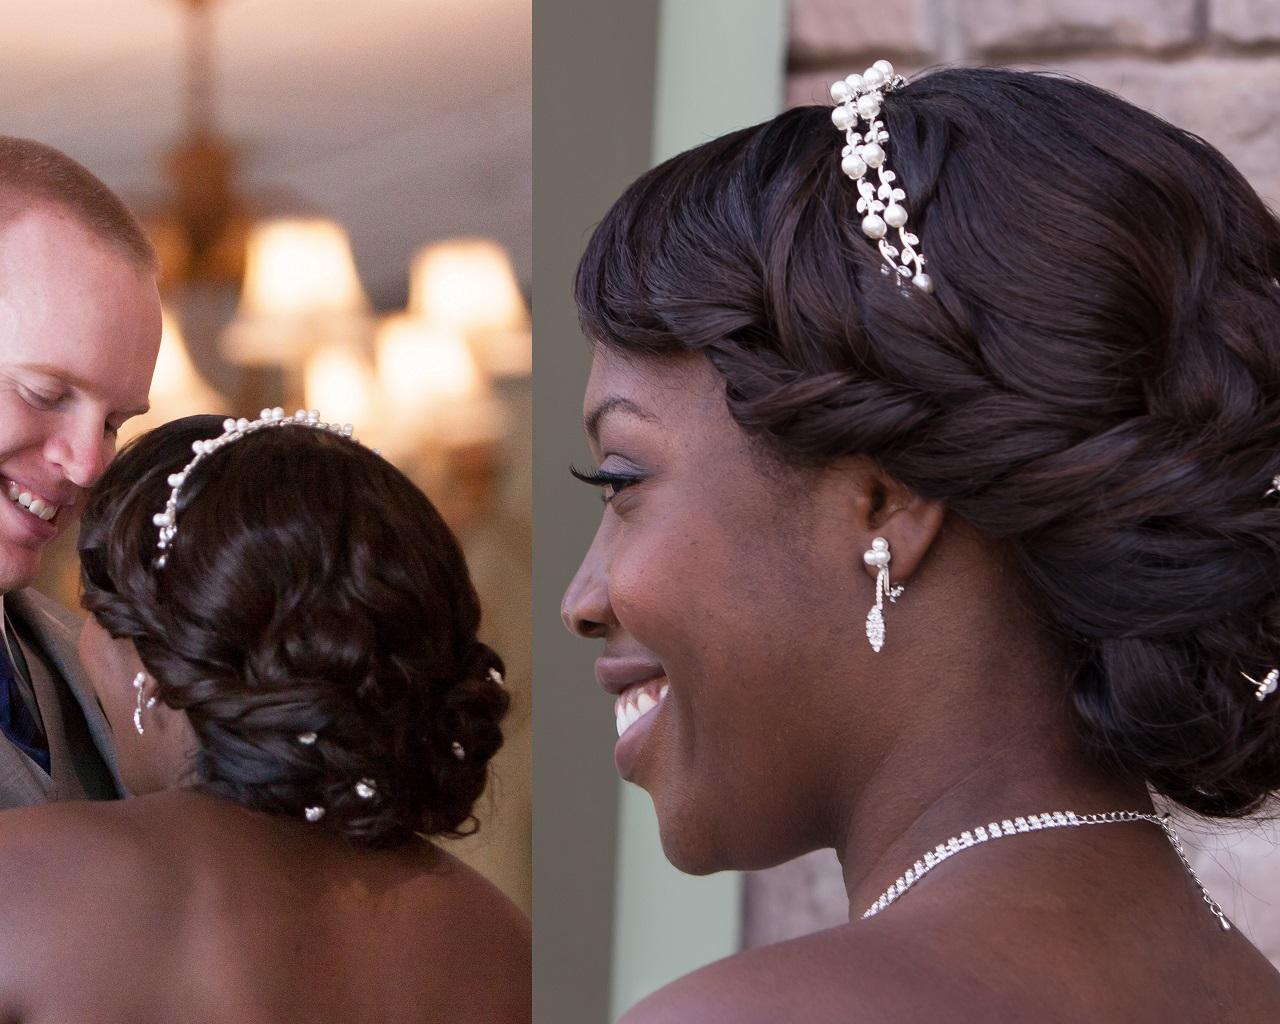 Mertilyn Hair collage resize.jpg